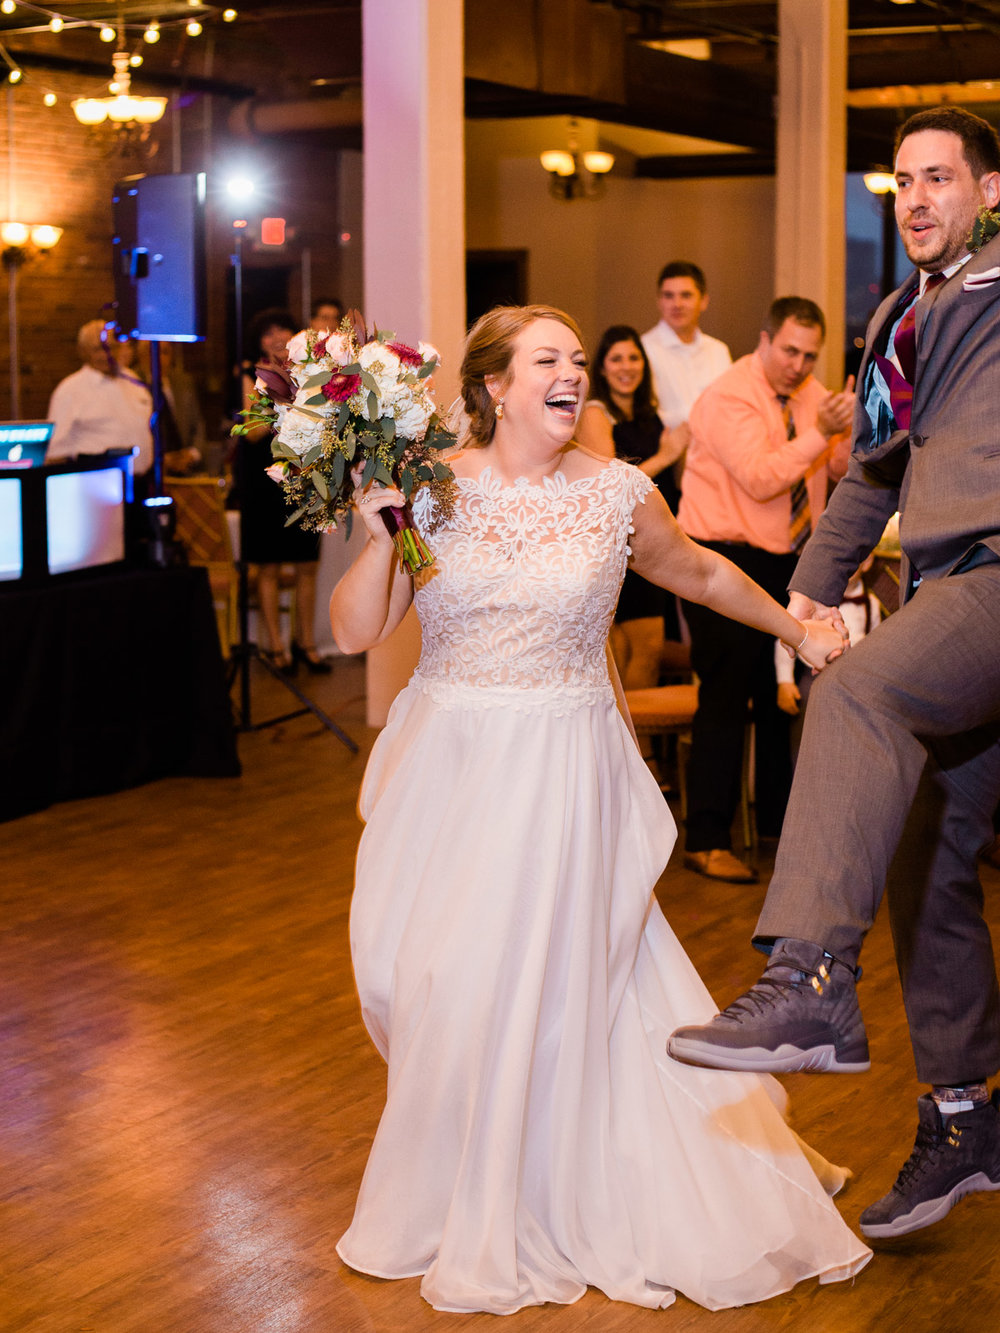 fall-ariel-international-wedding-photos-by-matt-erickson-photography-19.jpg